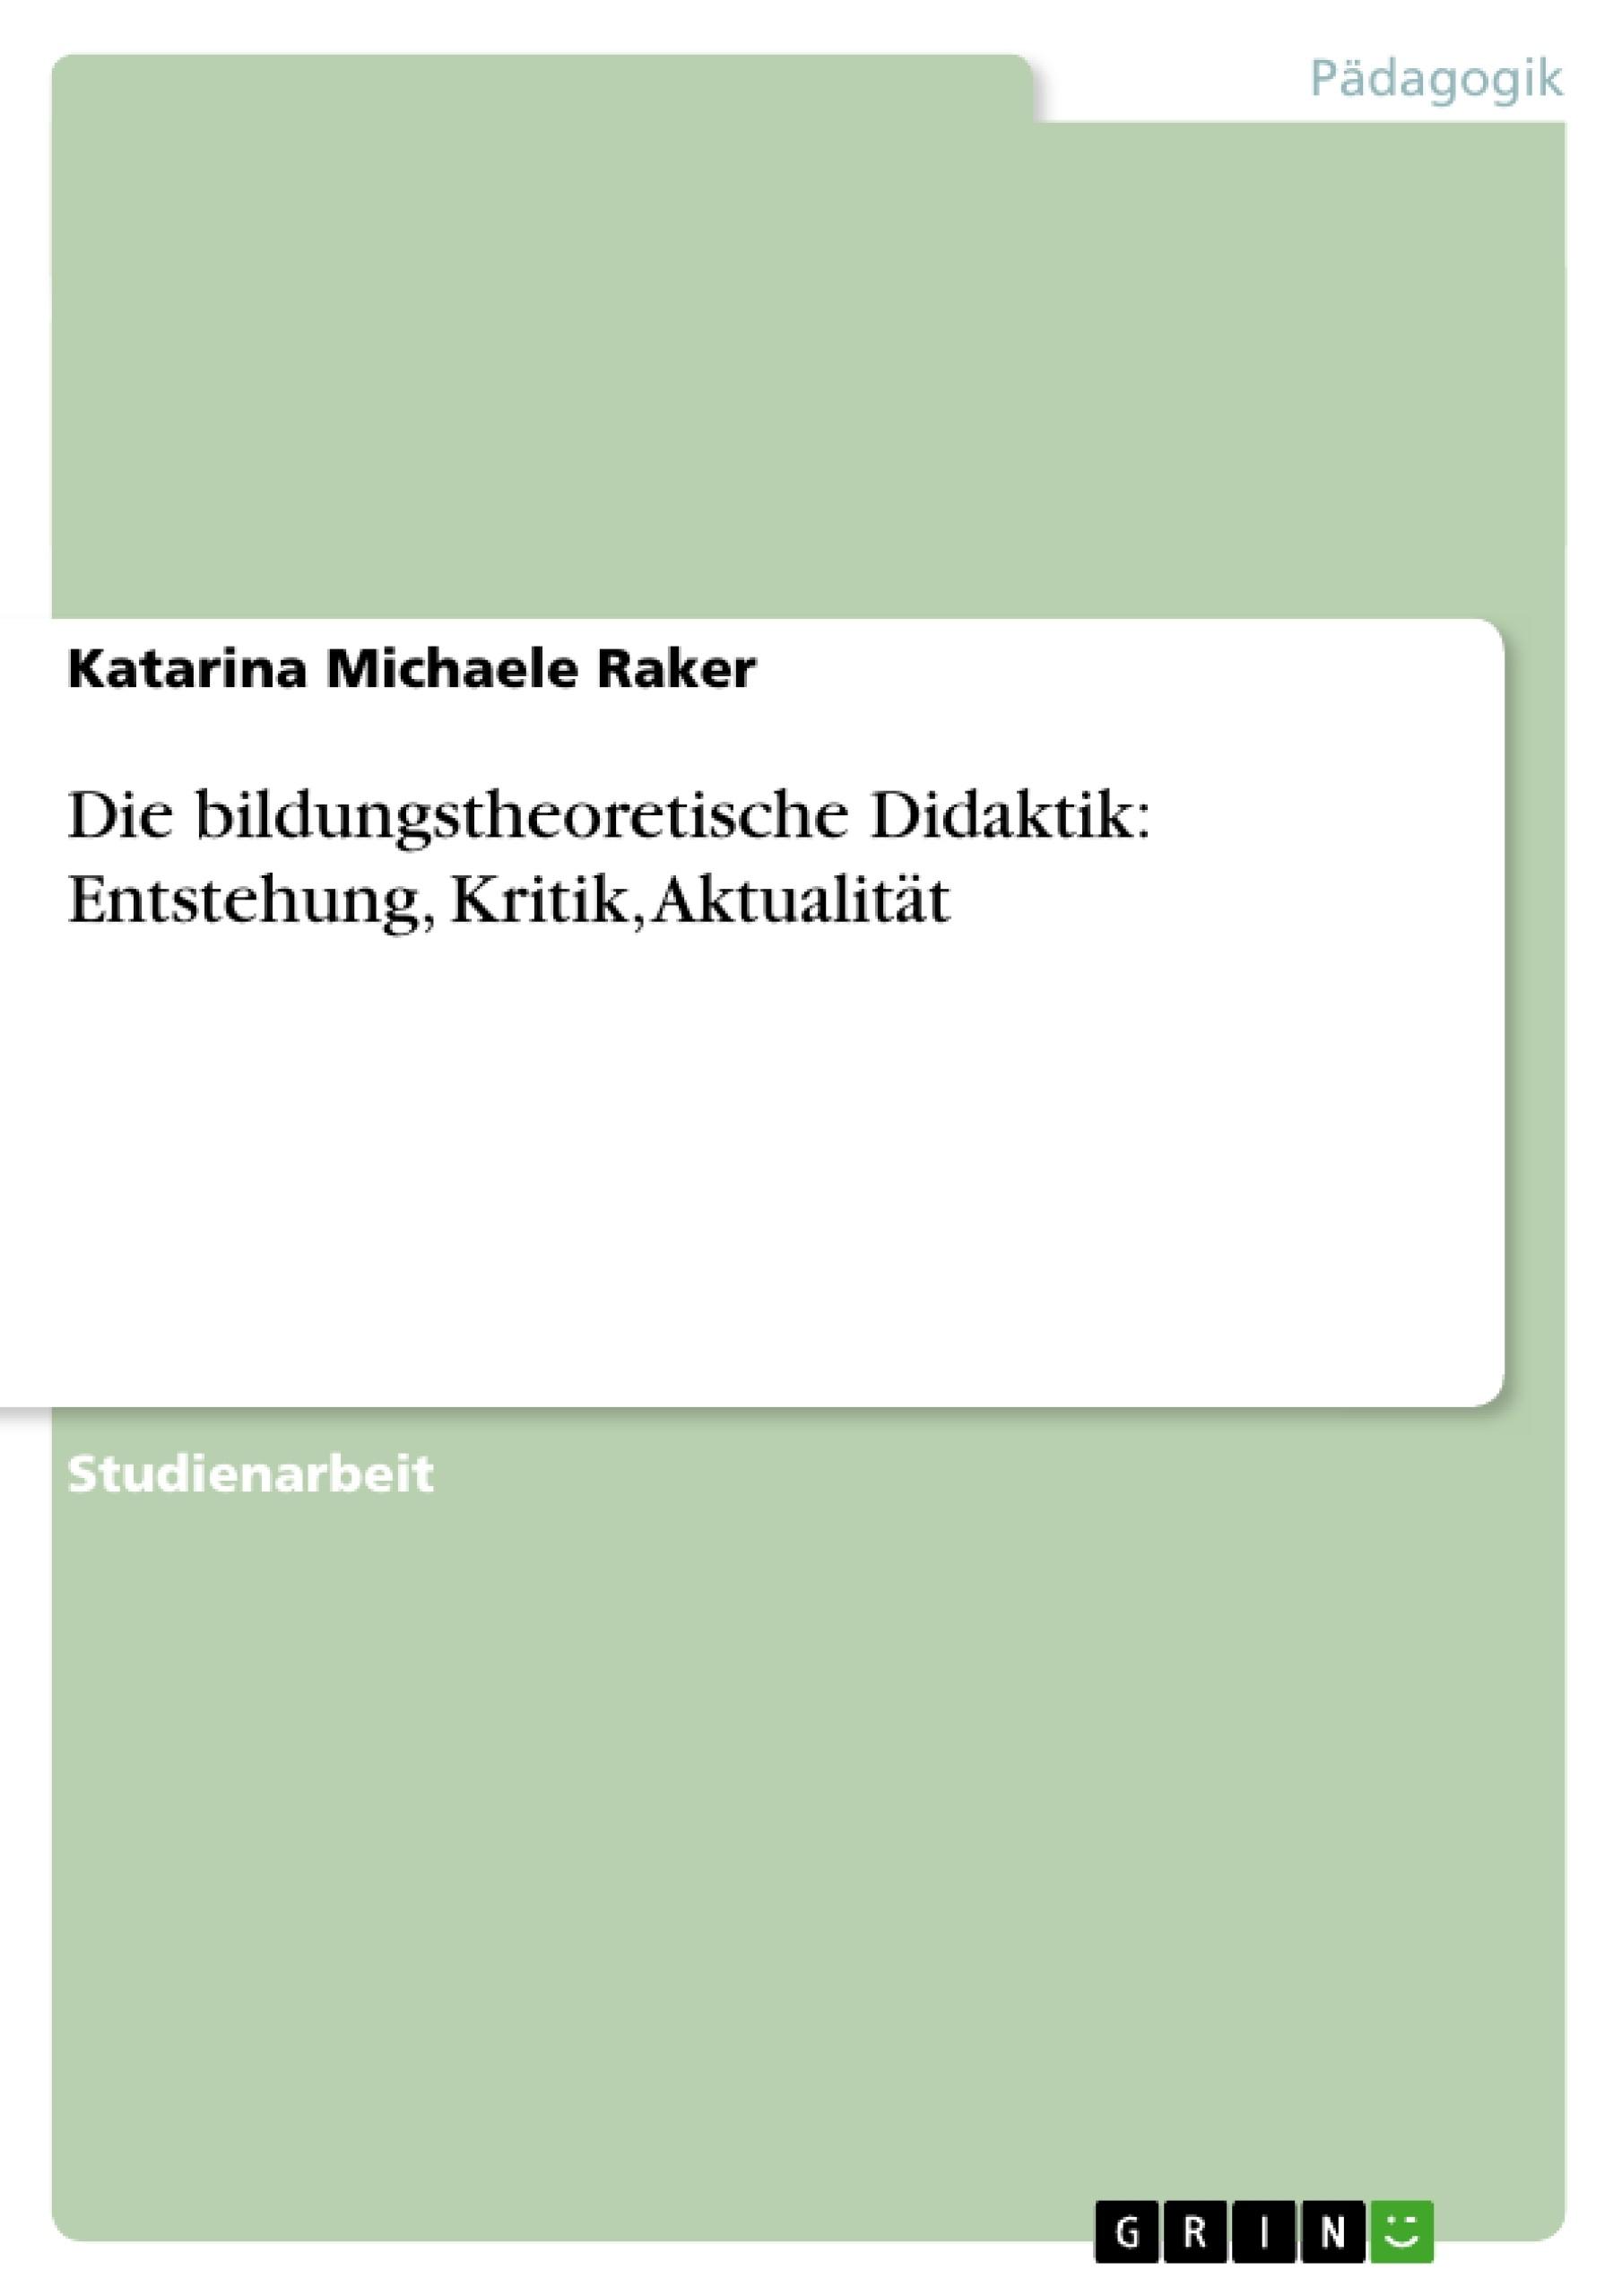 Titel: Die bildungstheoretische Didaktik: Entstehung, Kritik, Aktualität